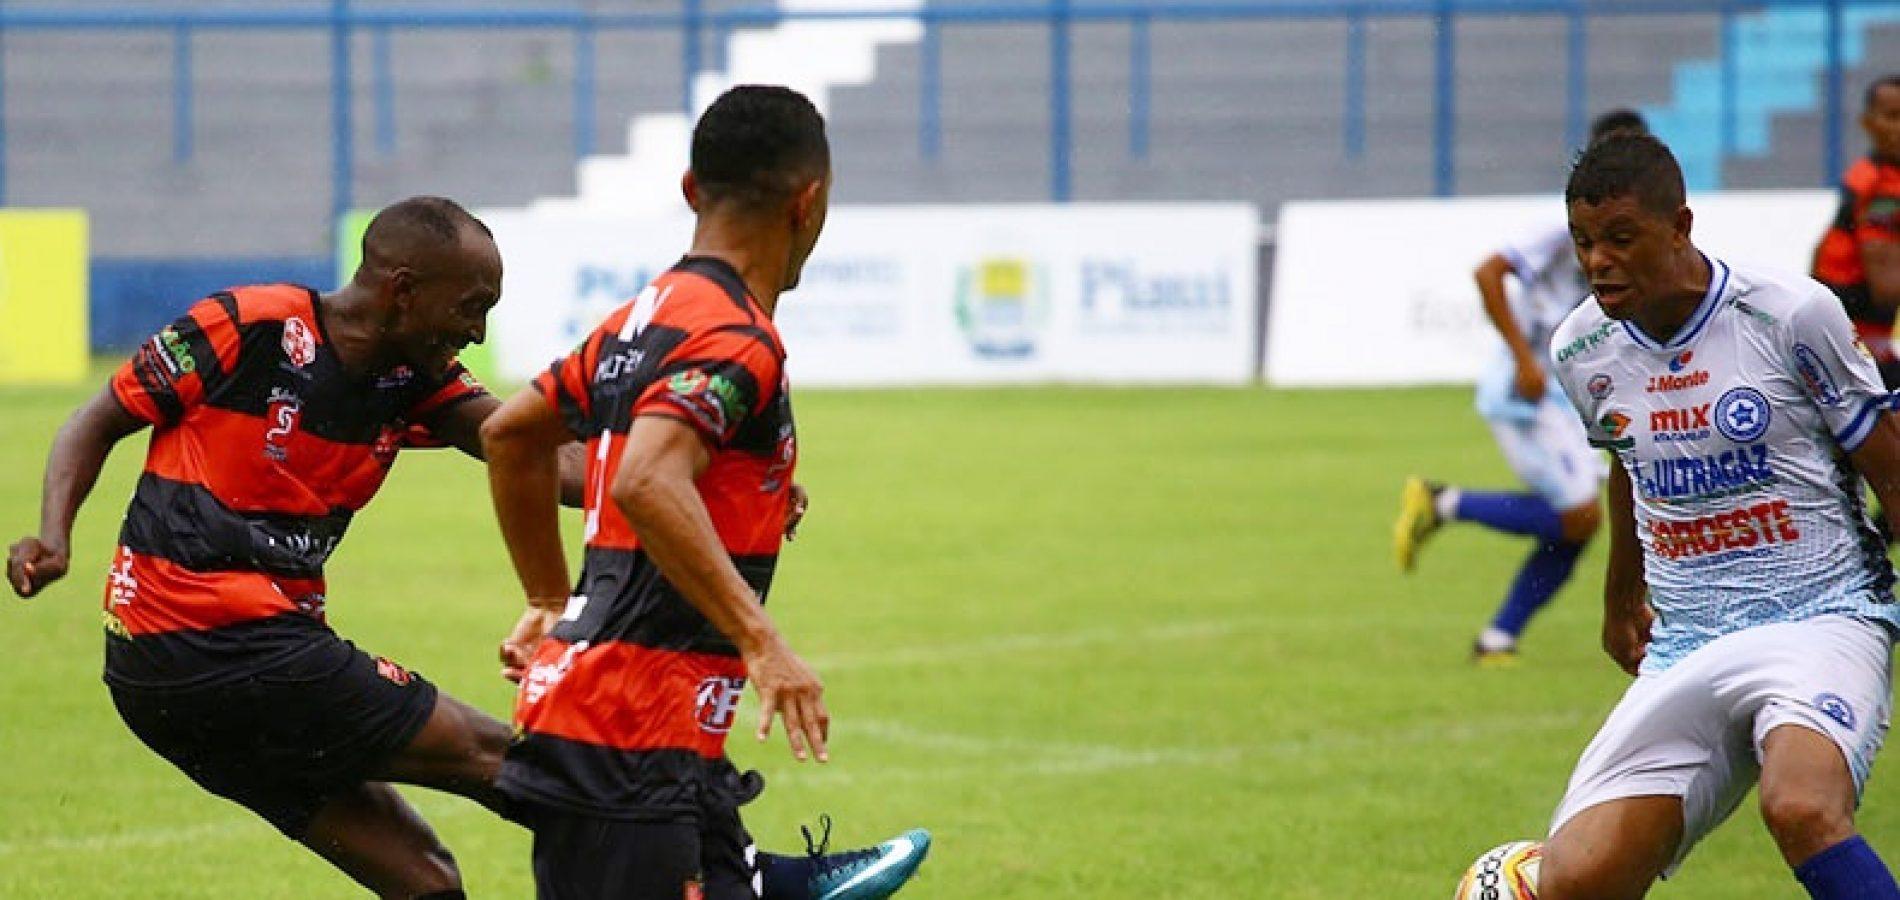 Com gol no último minuto, Parnahyba vence Flamengo e é líder do Campeonato Piauiense